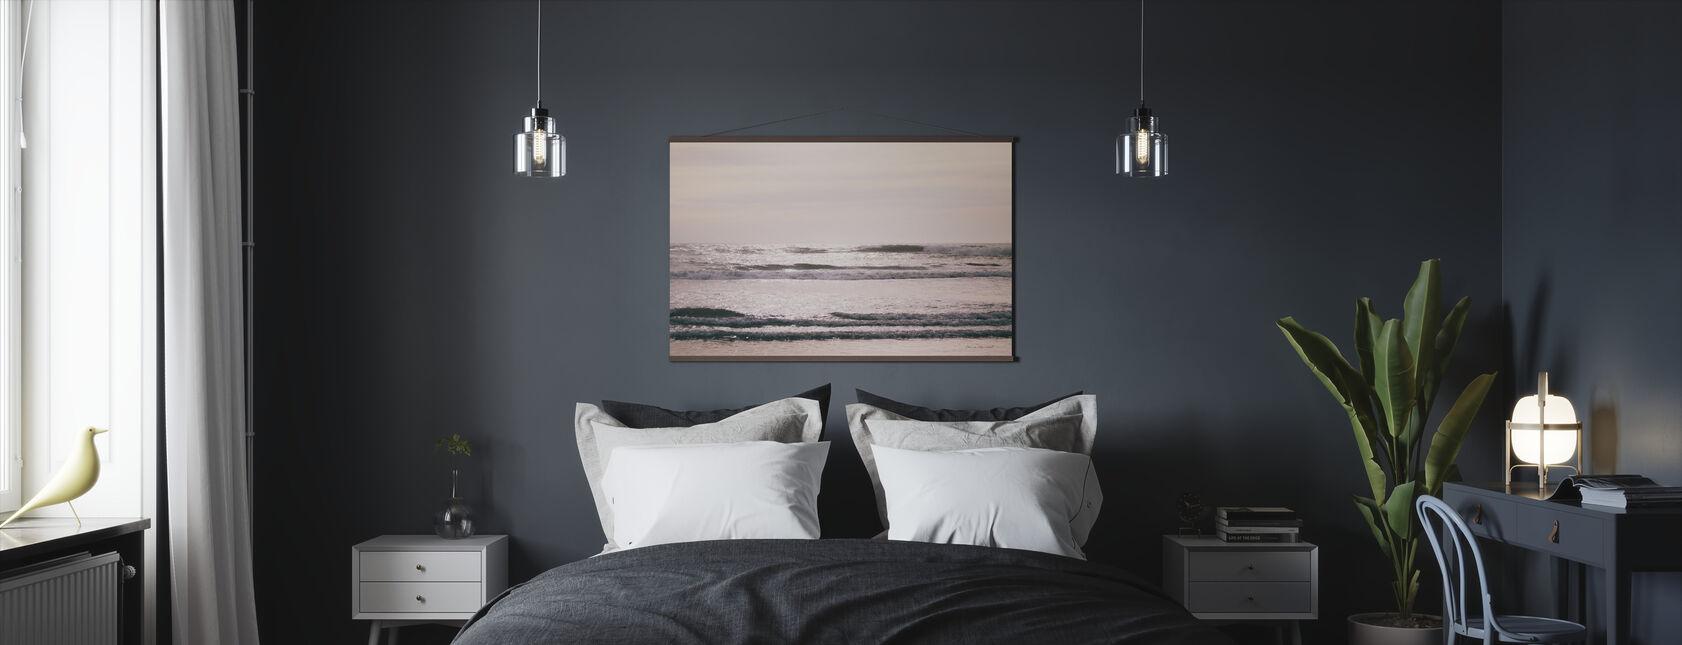 Kalaloch Coast - Poster - Bedroom